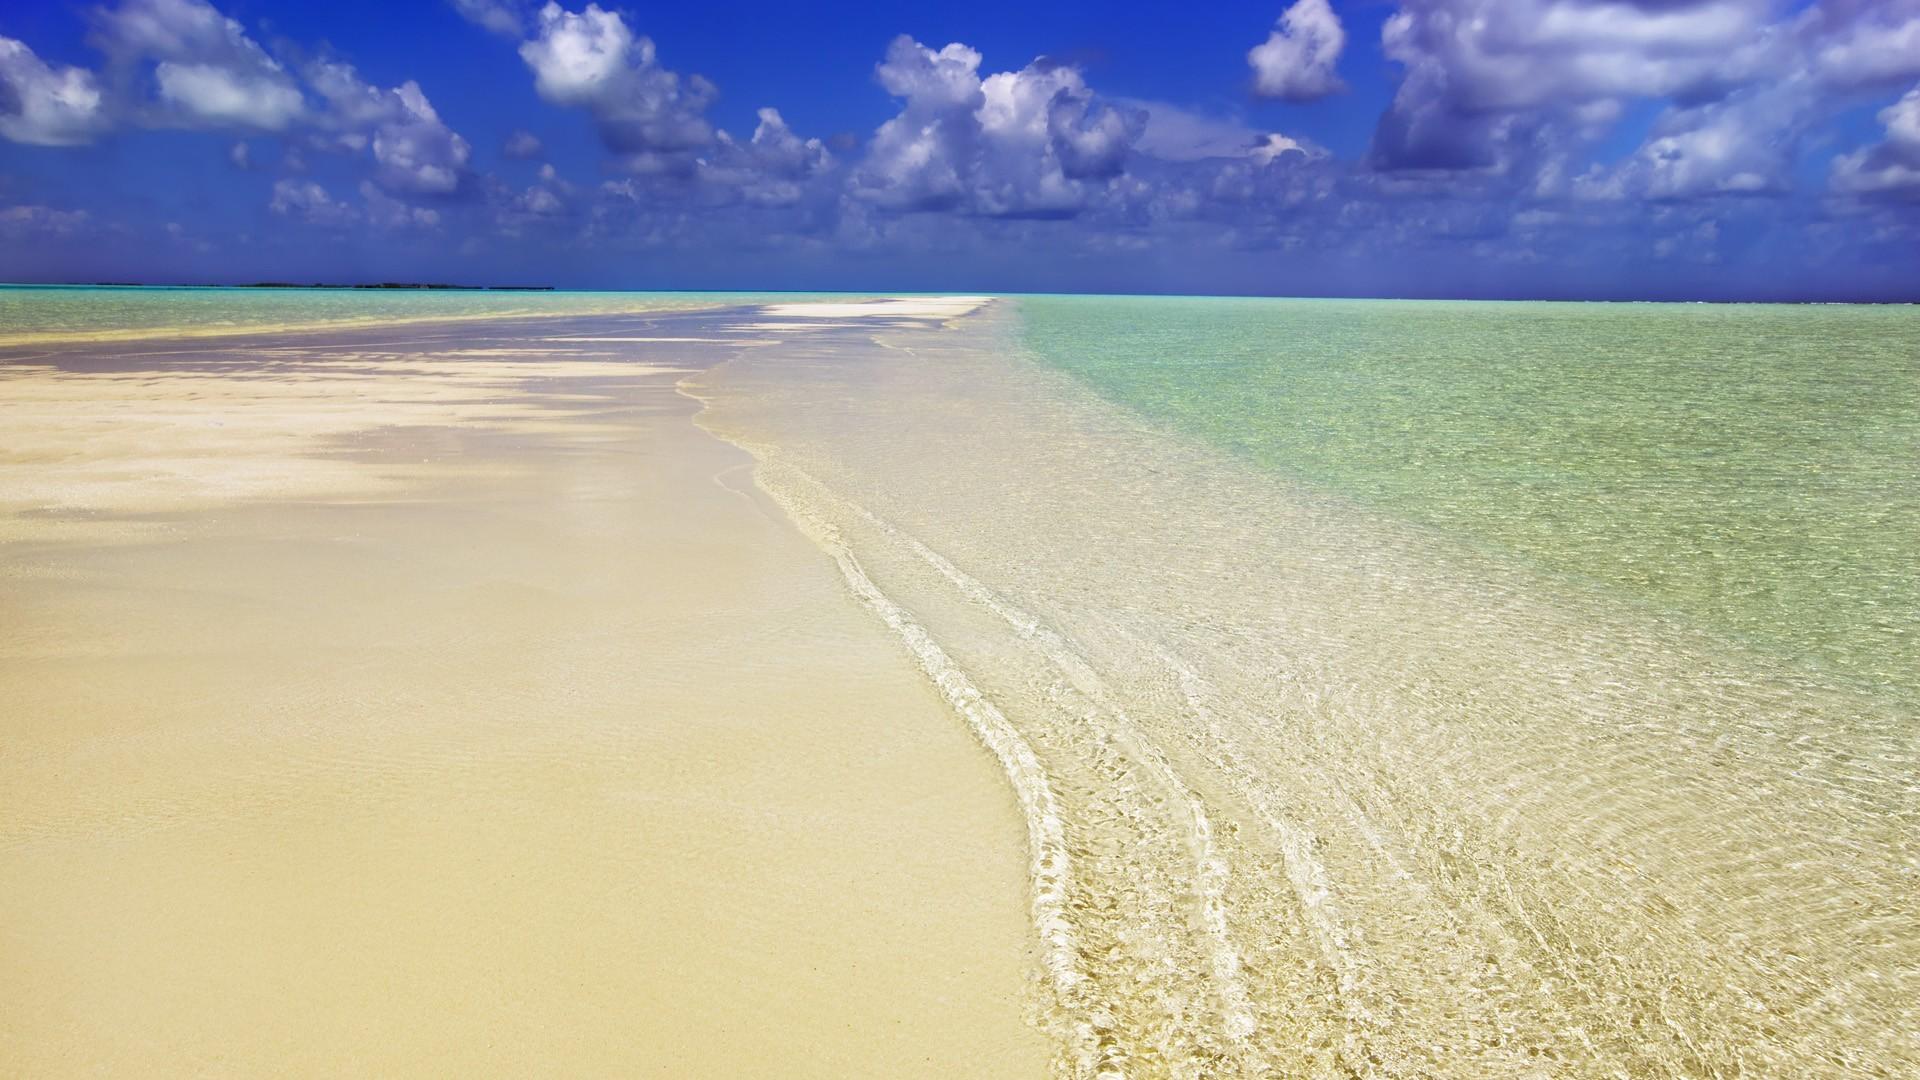 признается обои на экран море пляж песок голубая вода первый